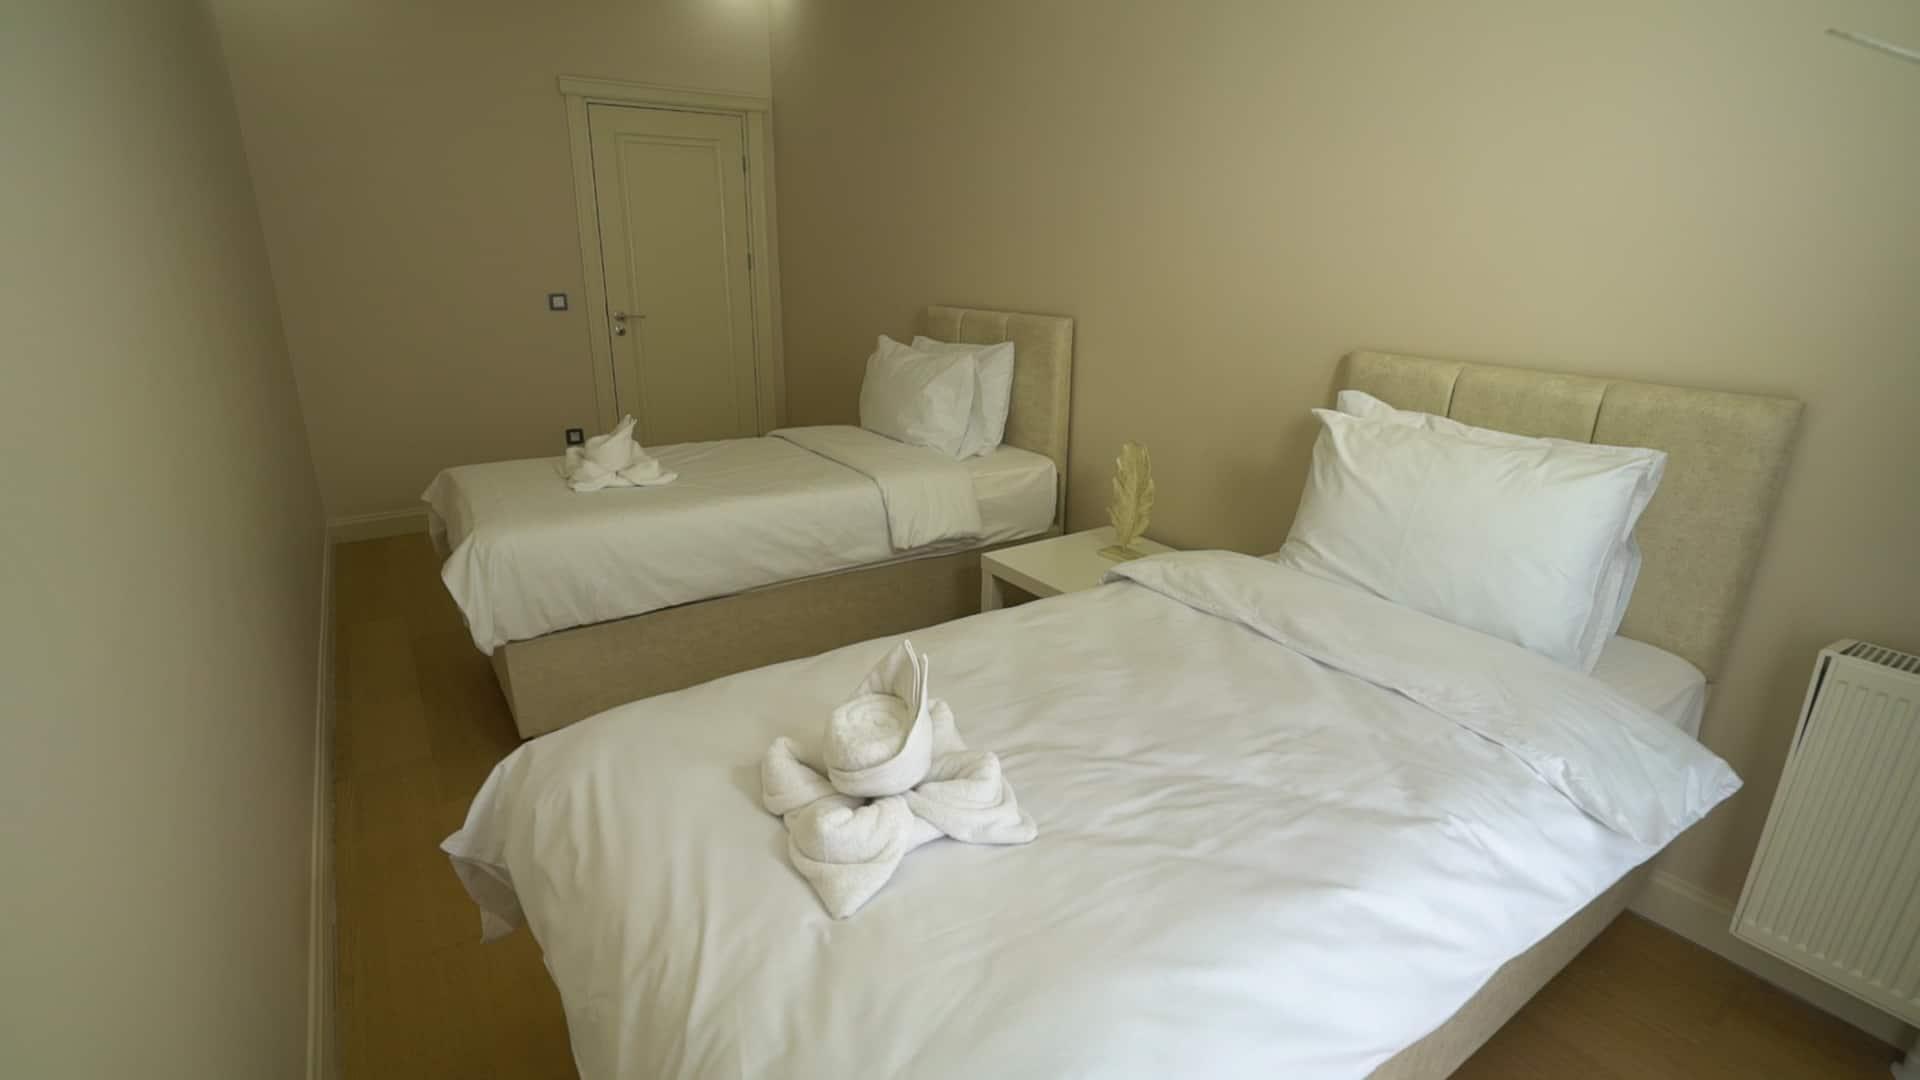 غرفة الاطفال في شقق للايجار في فينيسيا لمدة اسبوع غرفتين وصالون